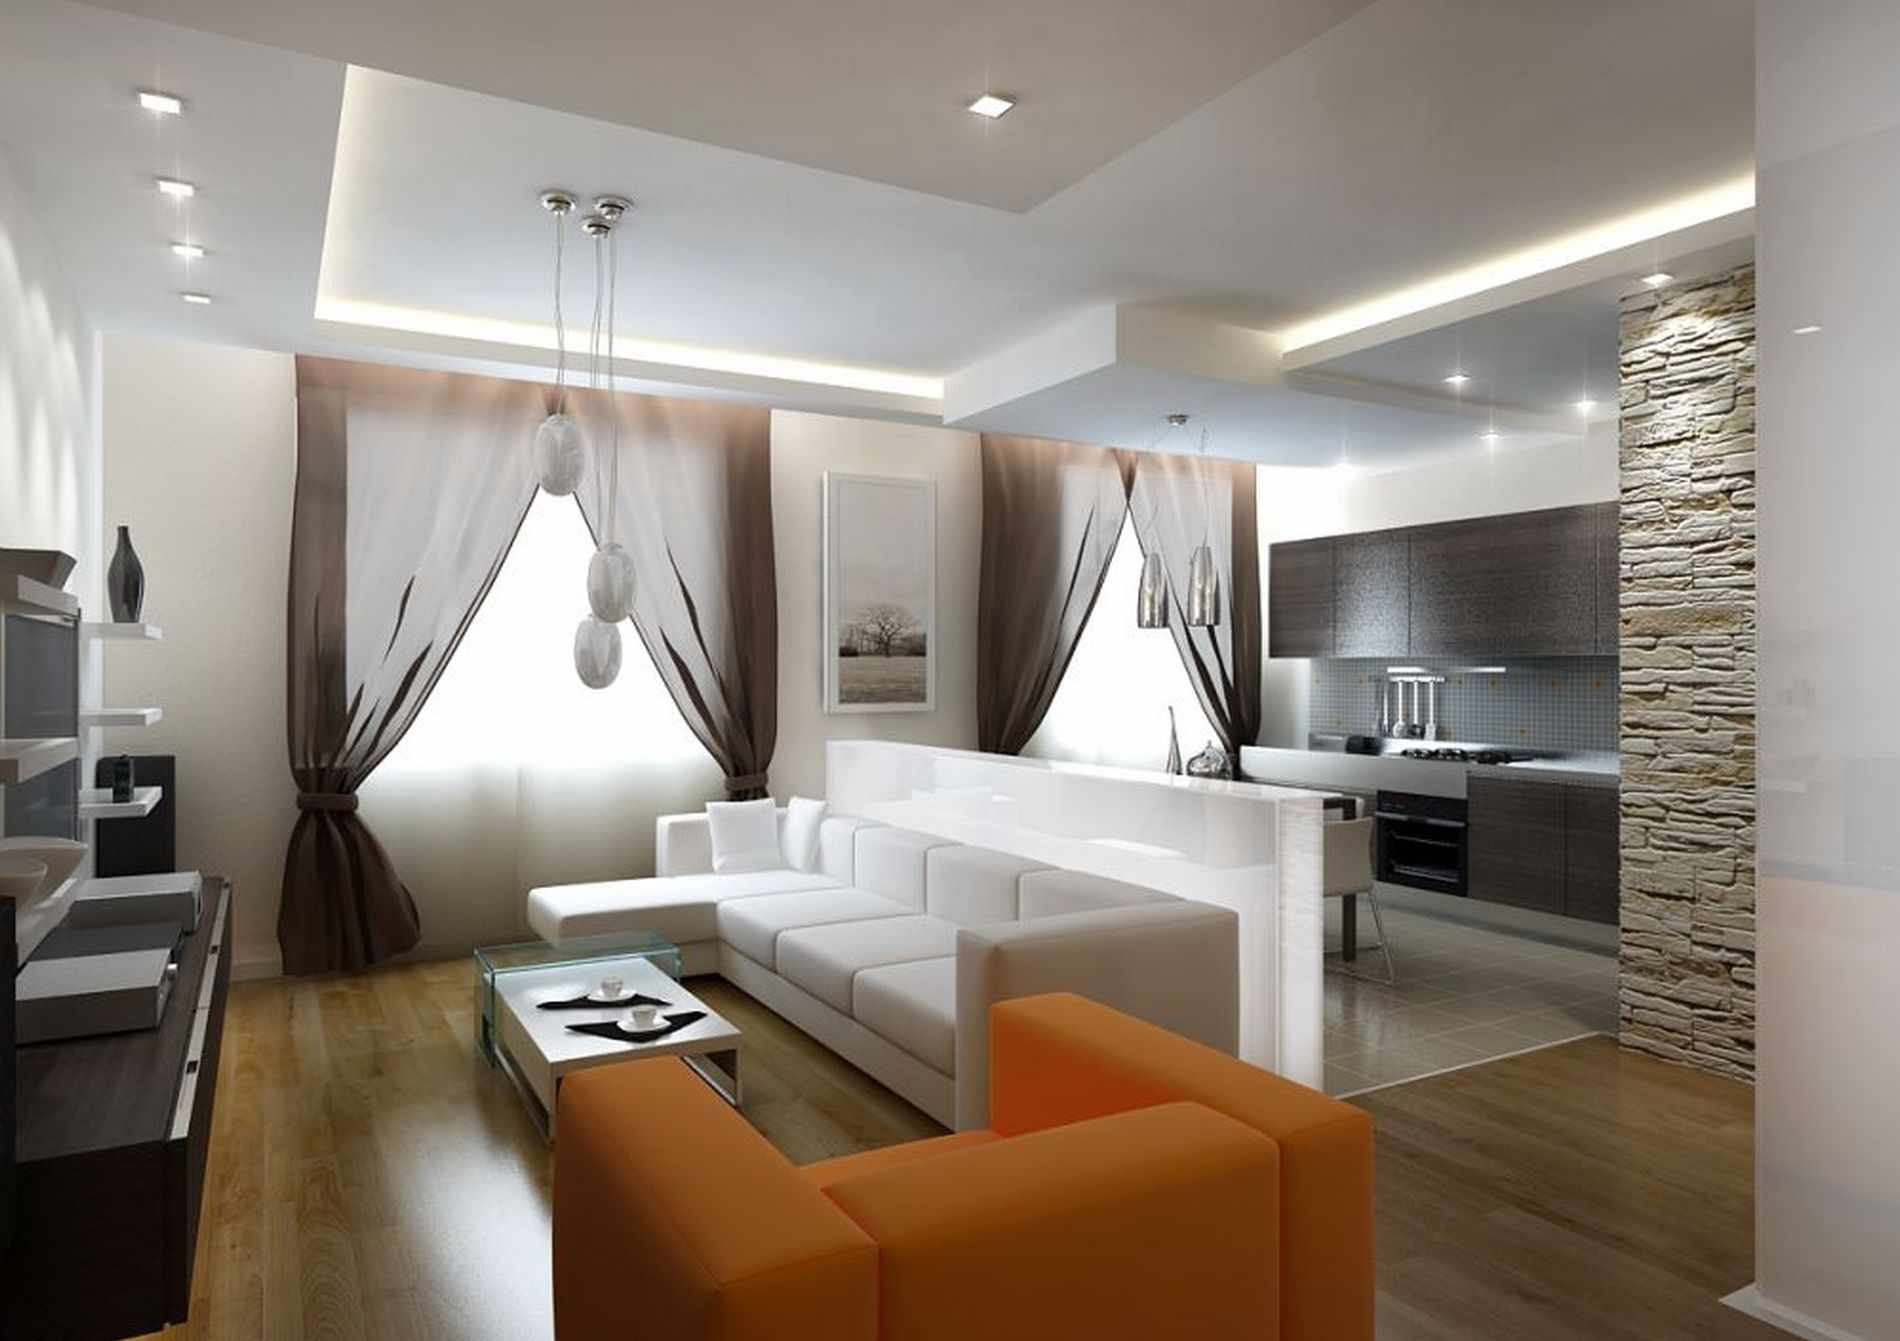 l'idée d'un salon lumineux de 25 m²